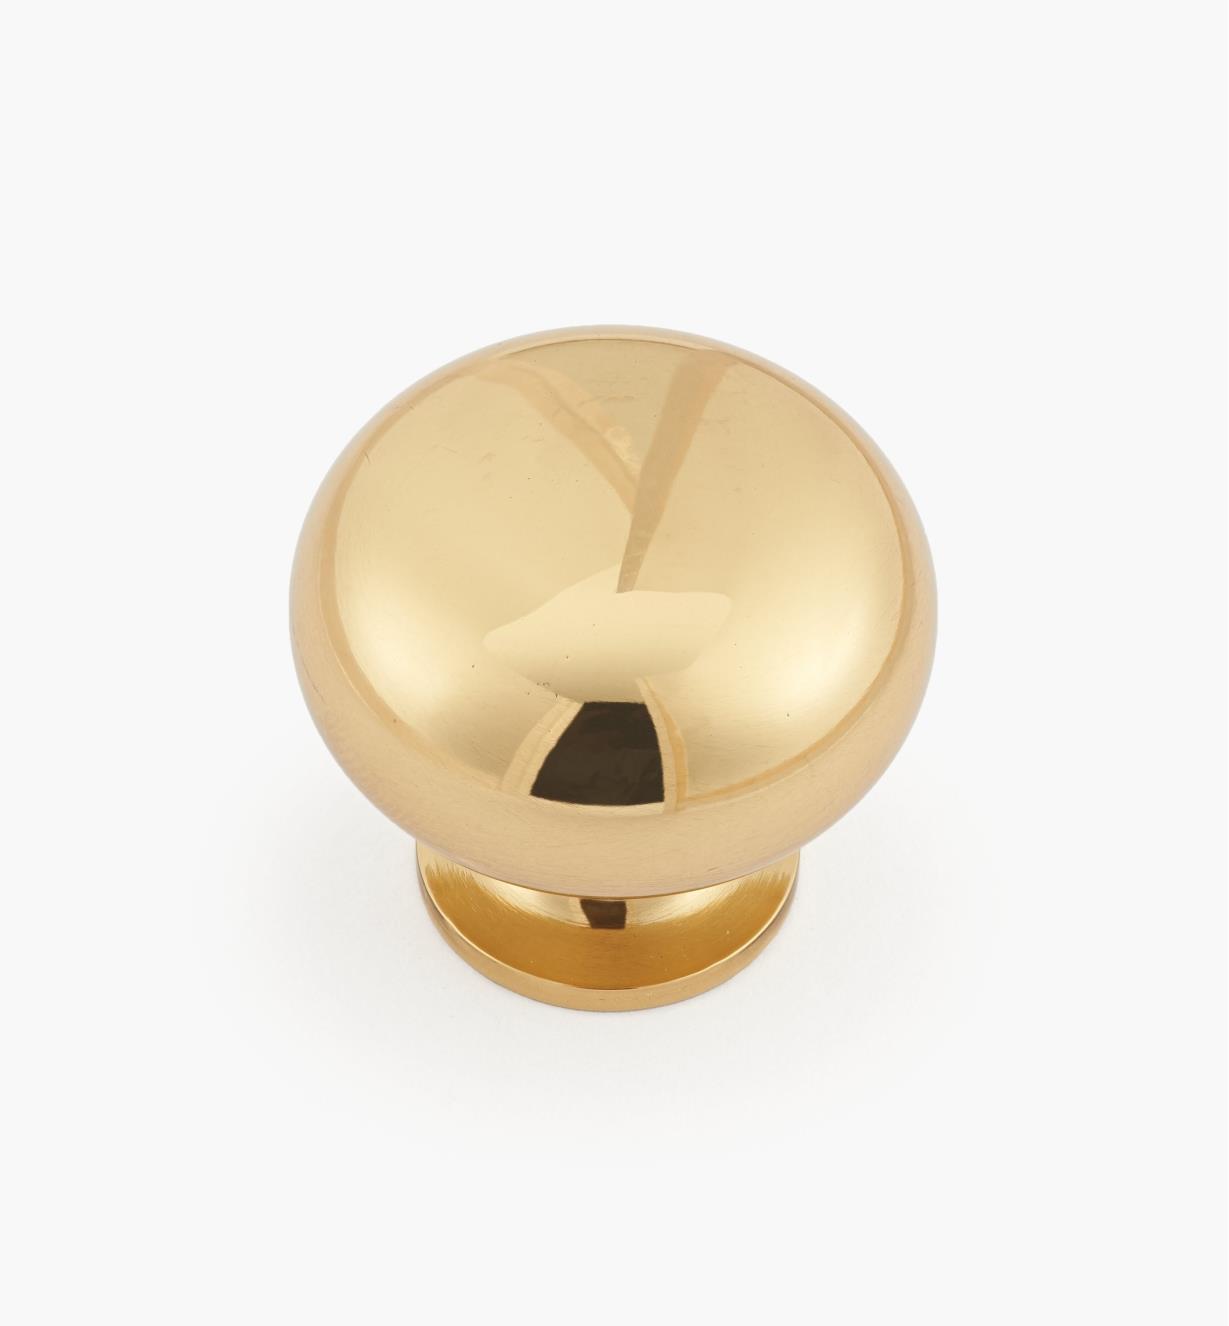 """00W5802 - 1 1/4"""" x 1 1/8""""Plain Classic Brass Knob"""